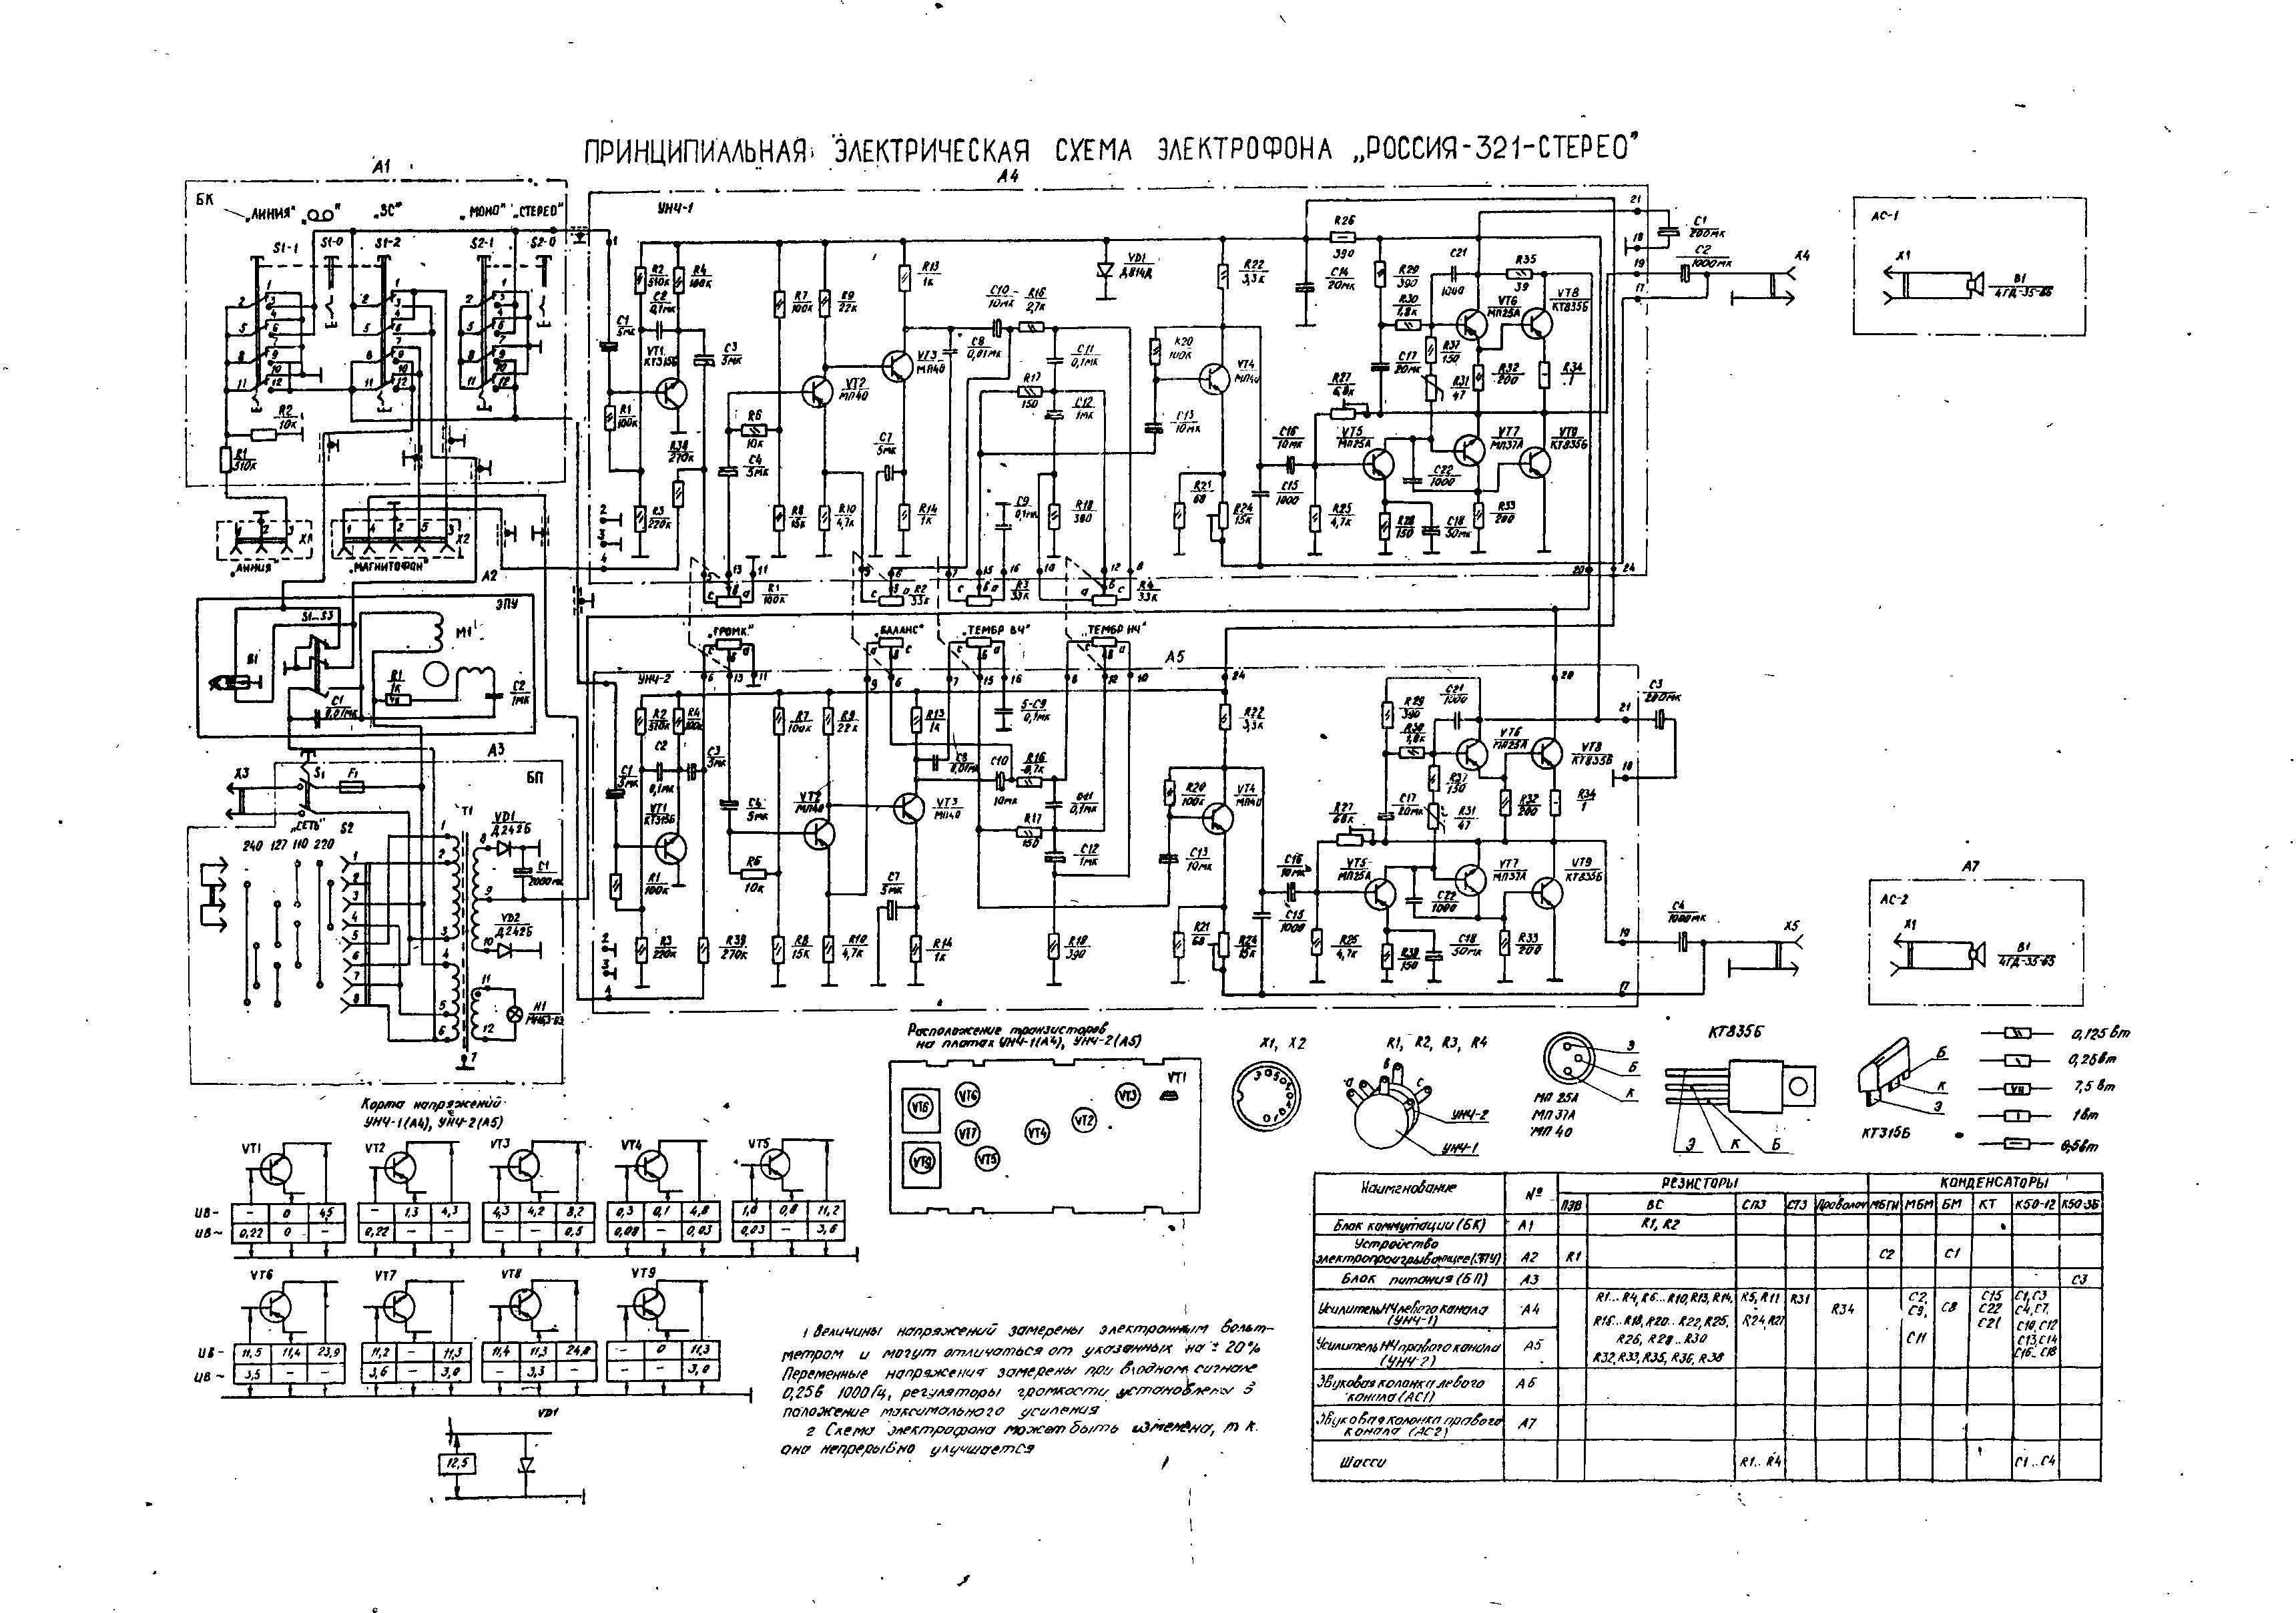 принципиальная схема dt-838